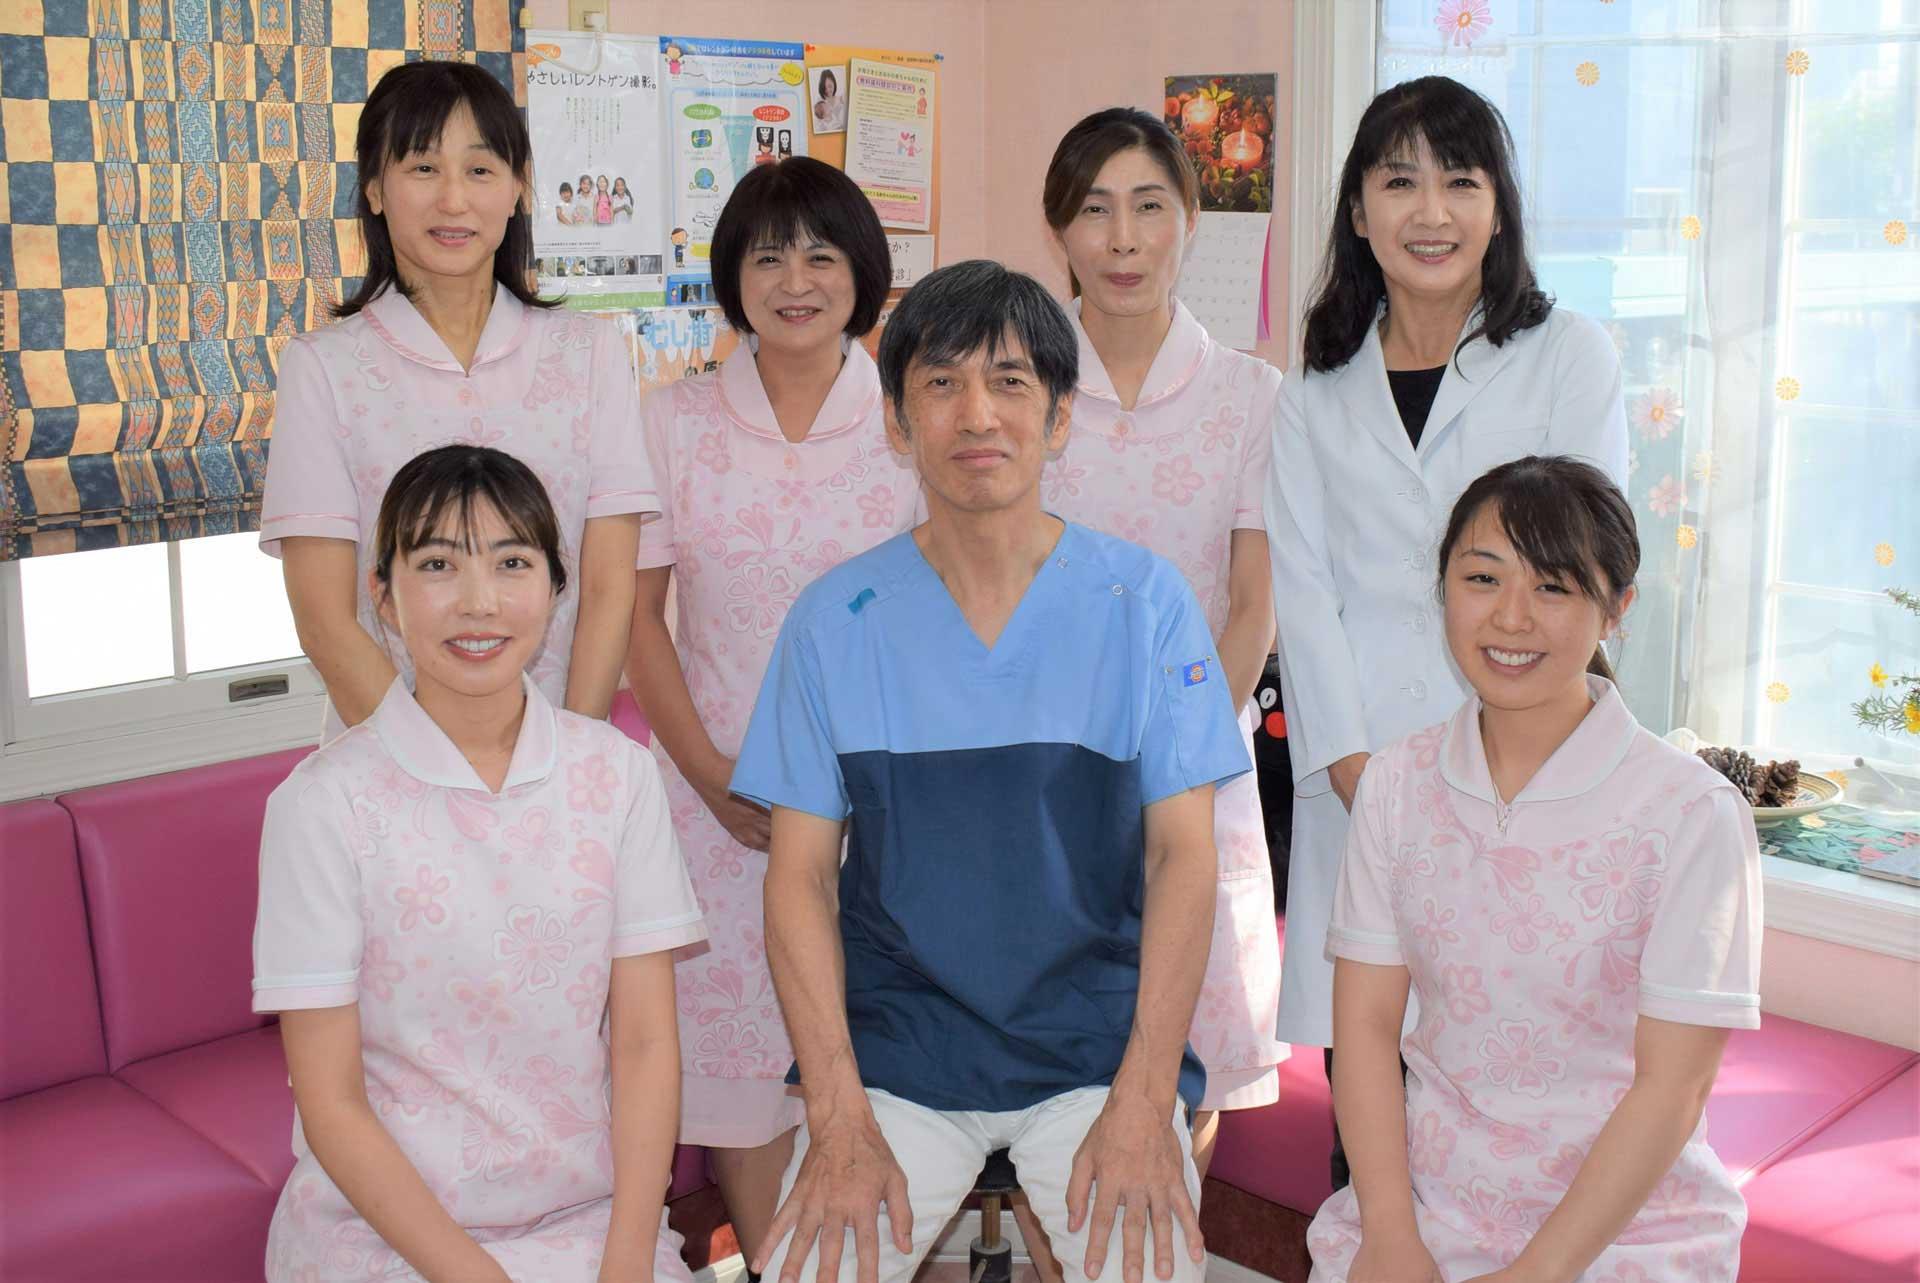 うえだ歯科医院スタッフ一同